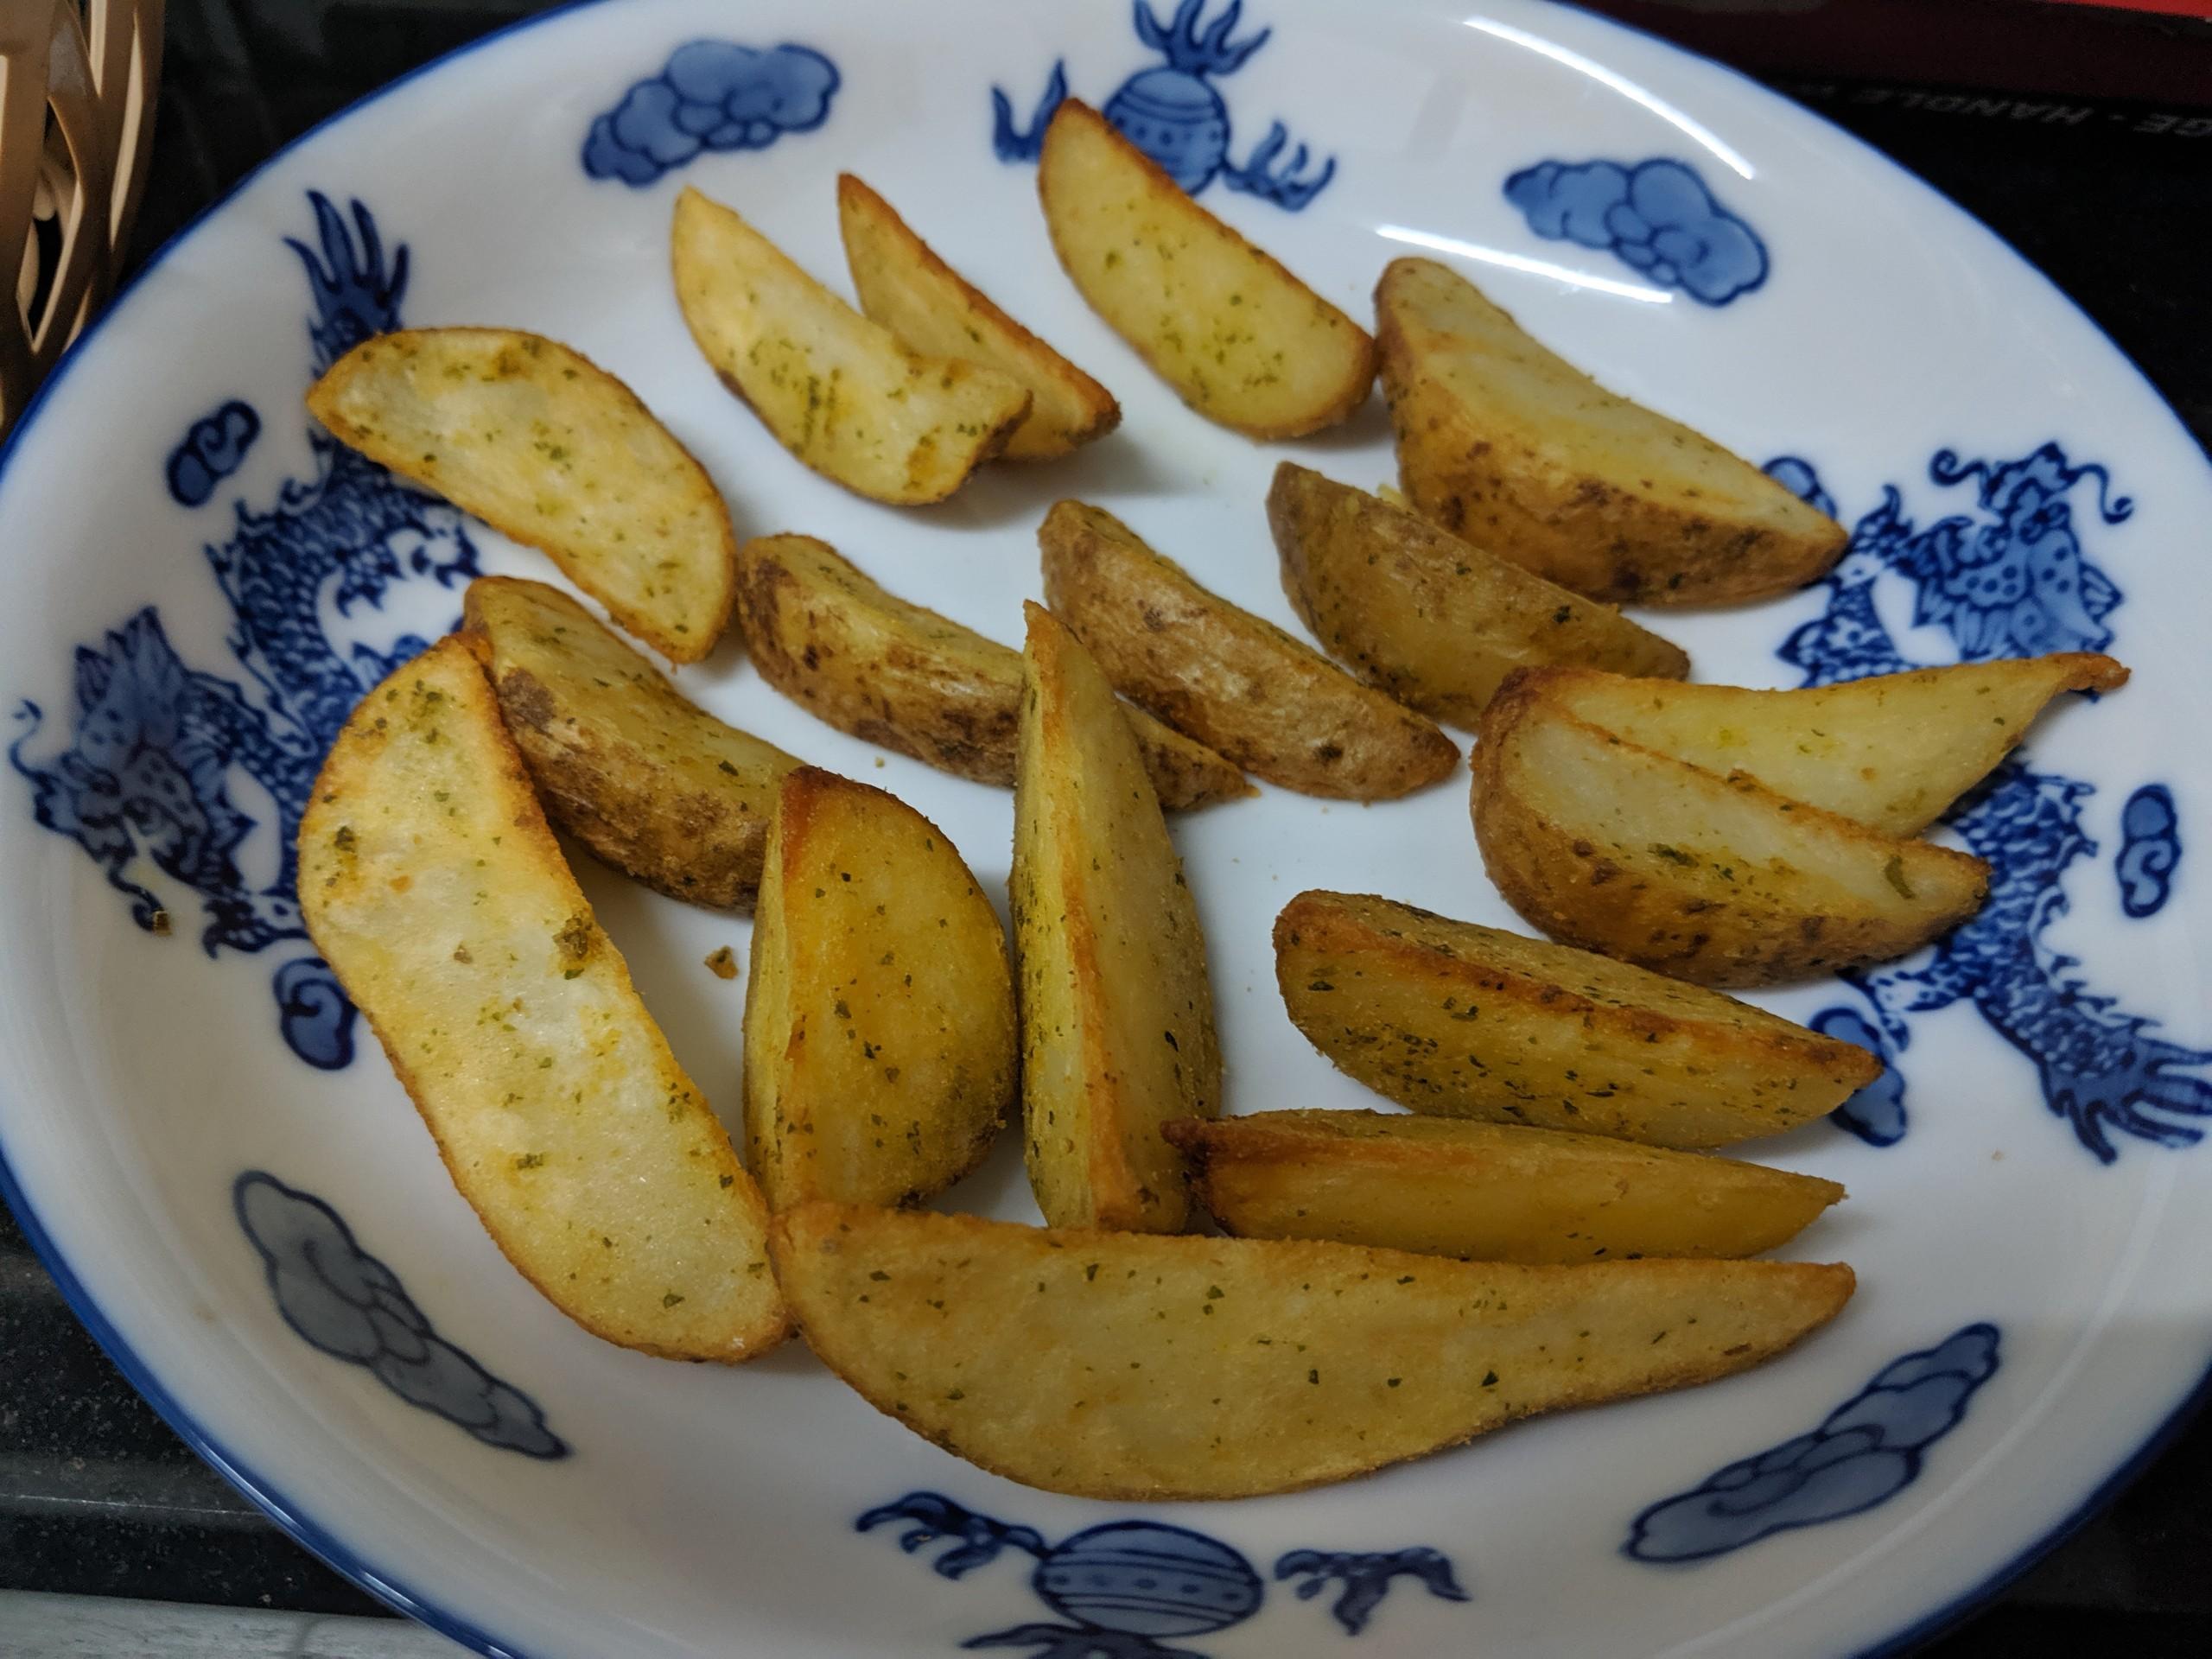 khoai tây cắt múi sau khi được nướng xong